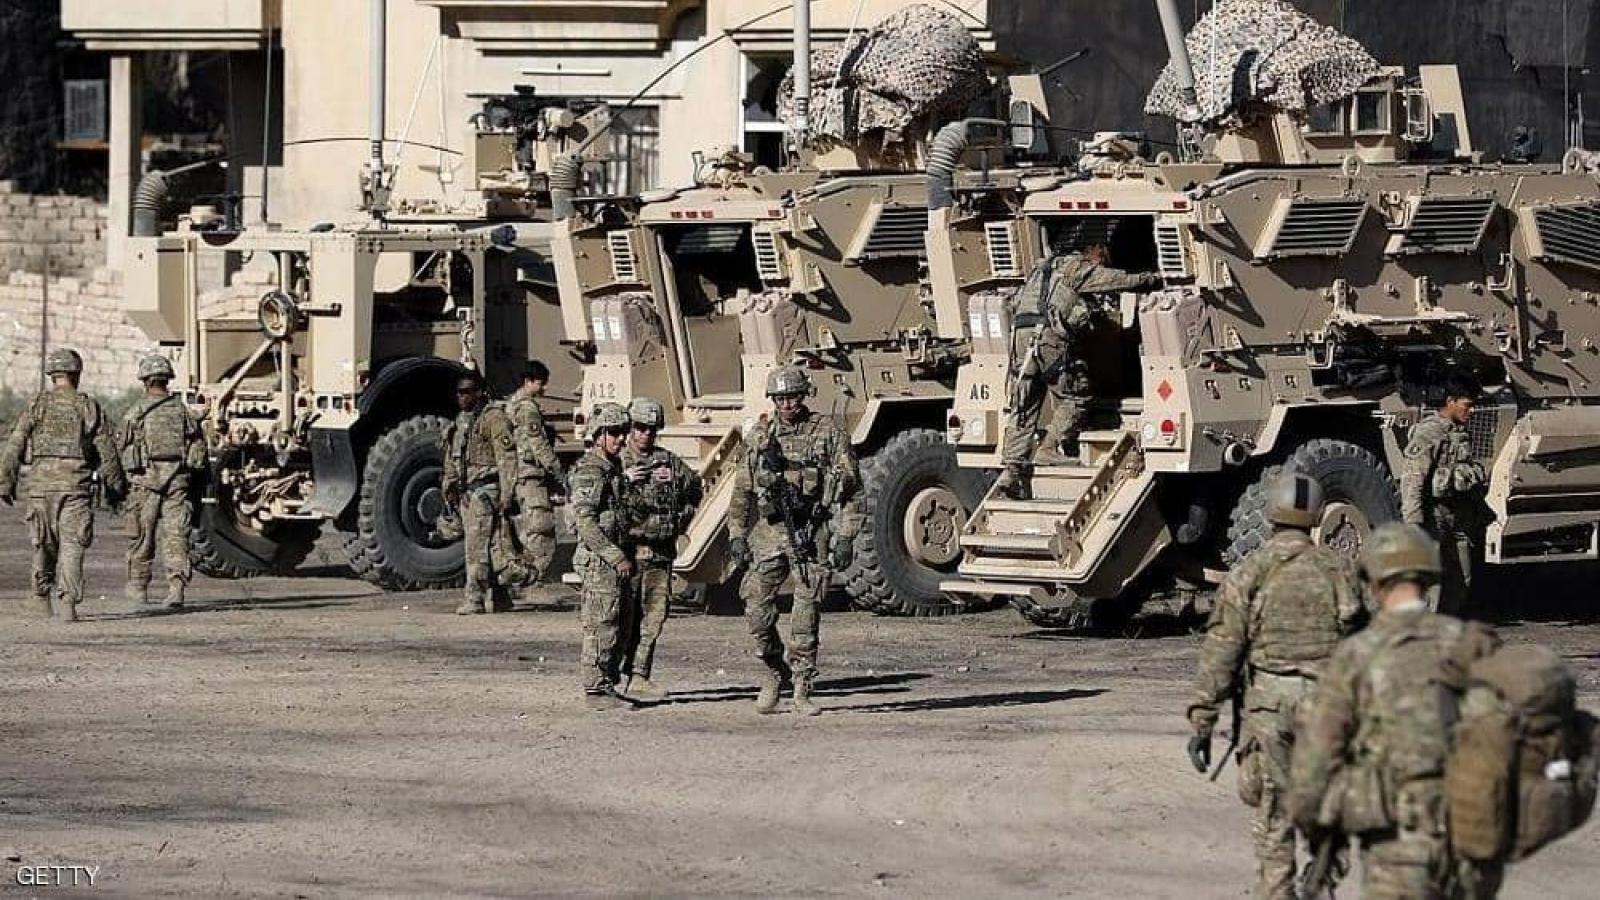 Các lực lượng Mỹ ở Iraq được đặt trong tình trạng báo động cao